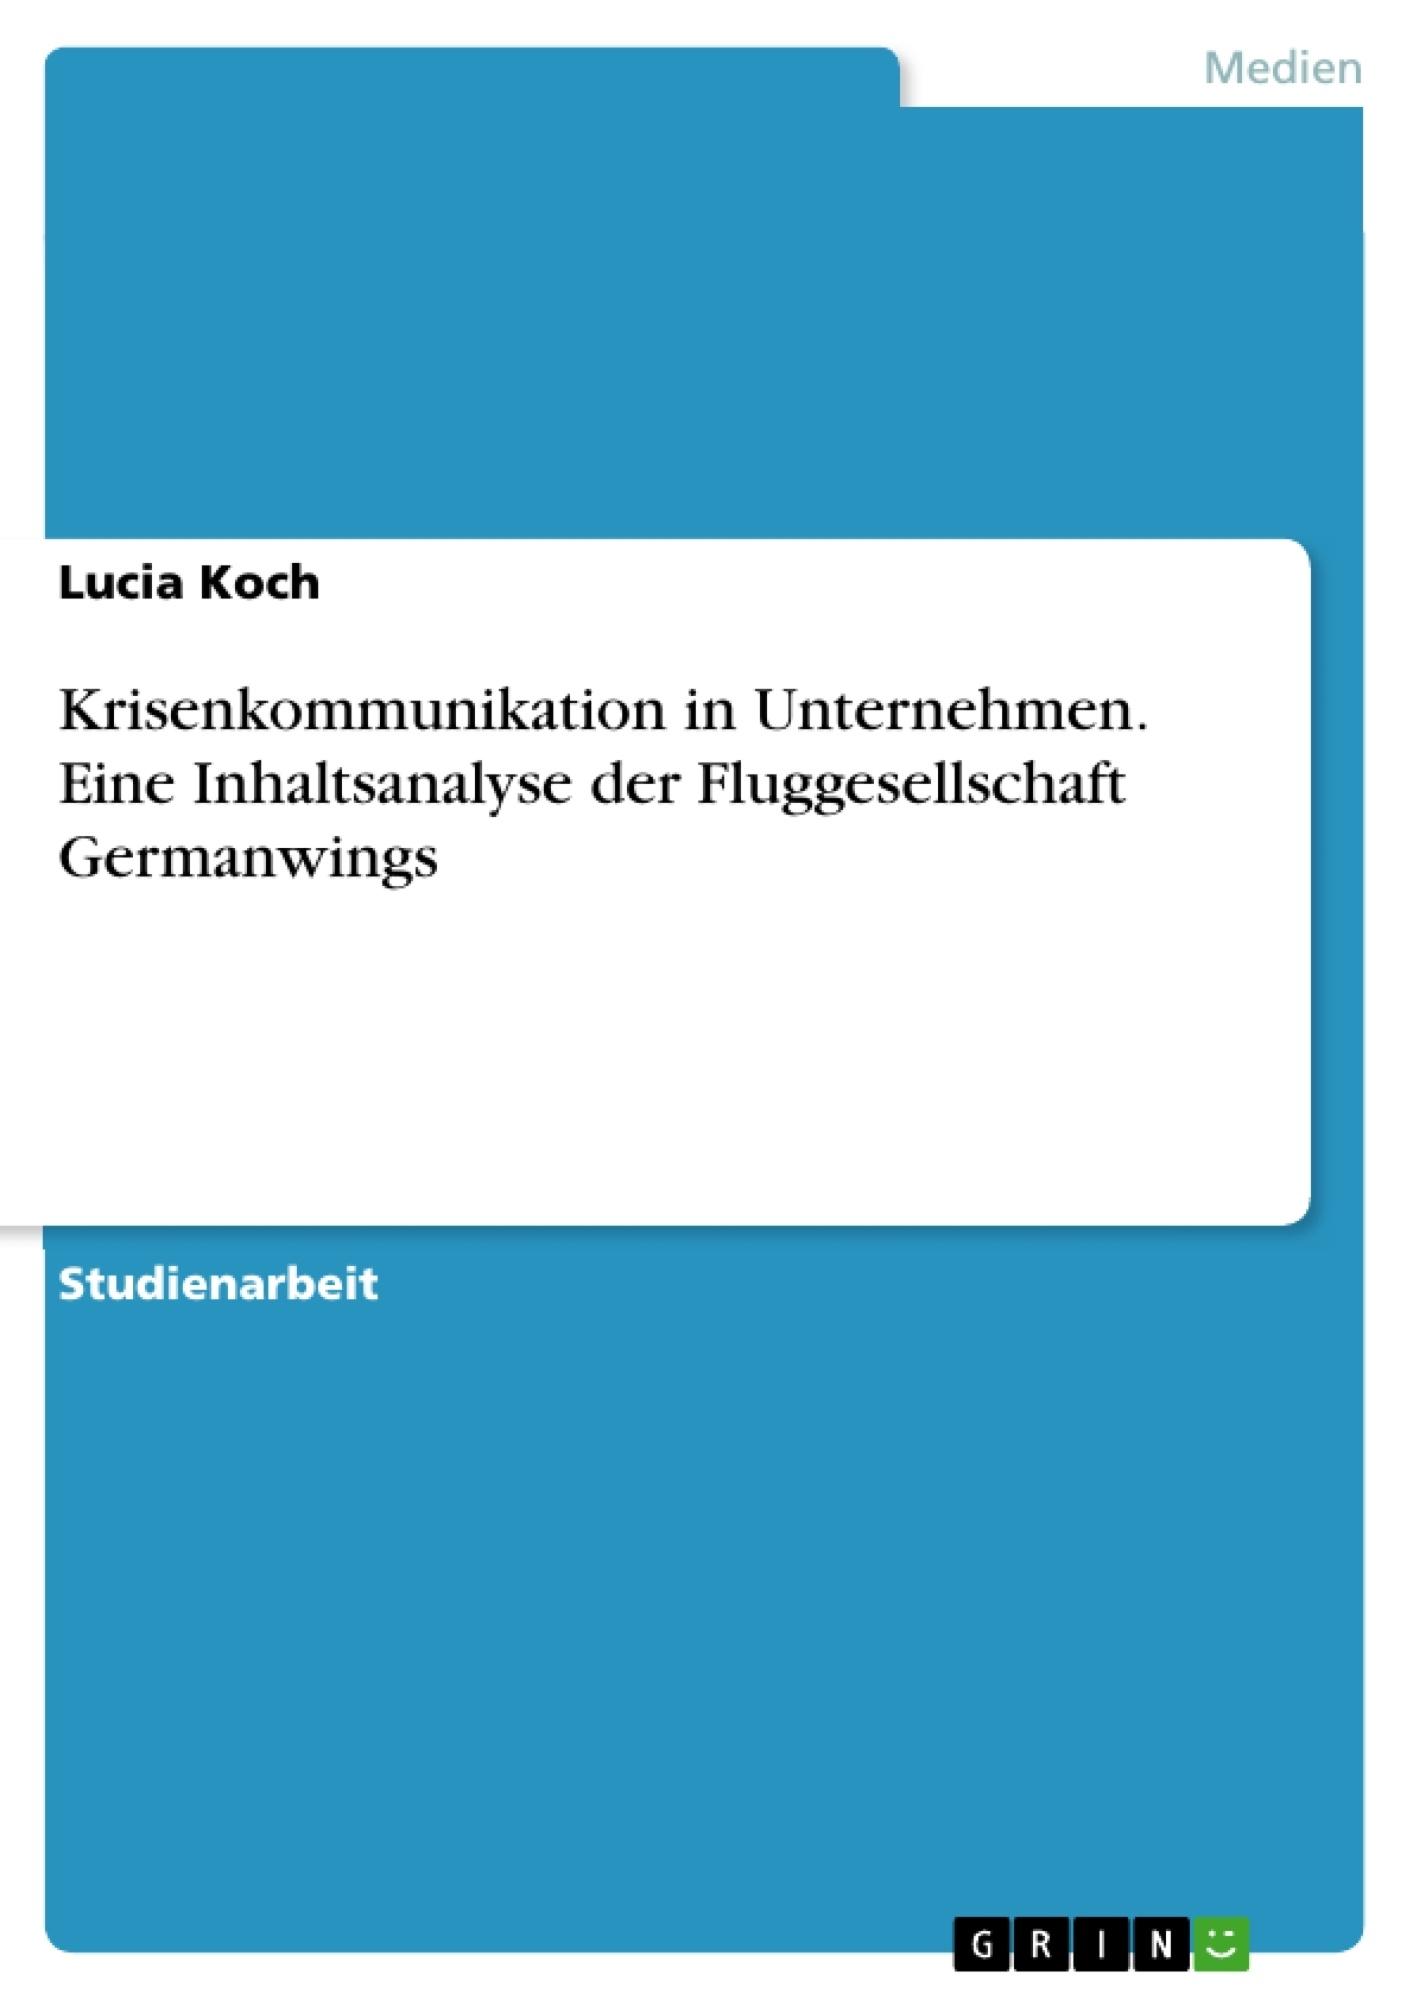 Titel: Krisenkommunikation in Unternehmen. Eine Inhaltsanalyse der Fluggesellschaft Germanwings